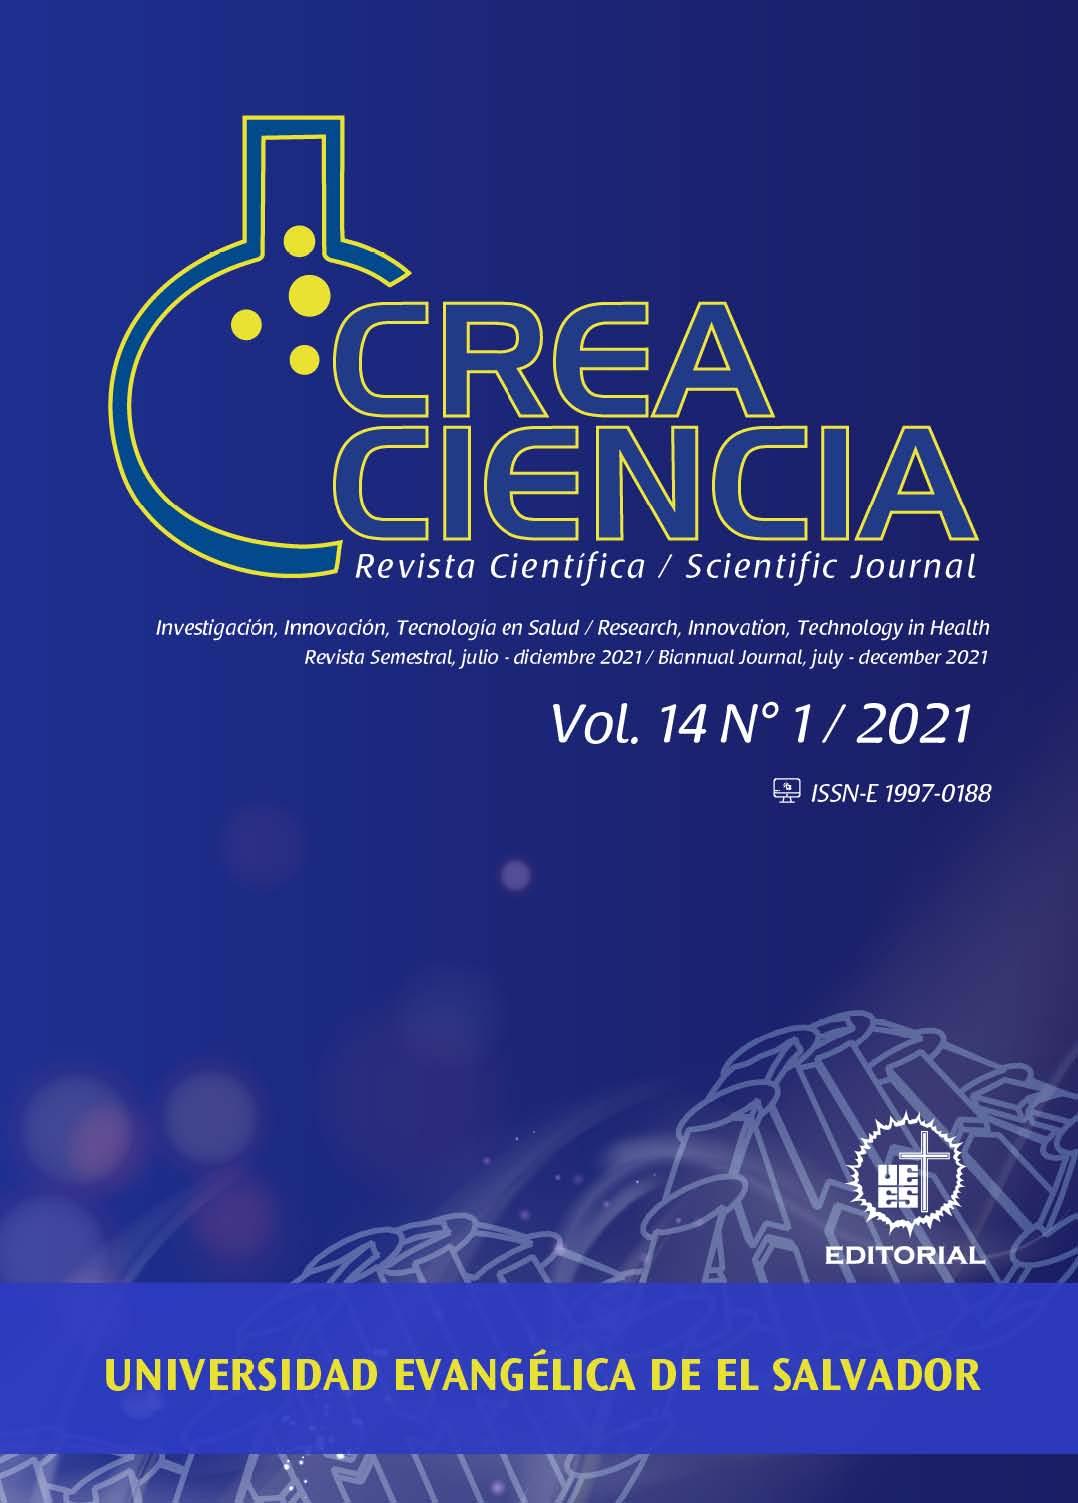 Portada Crea Ciencia